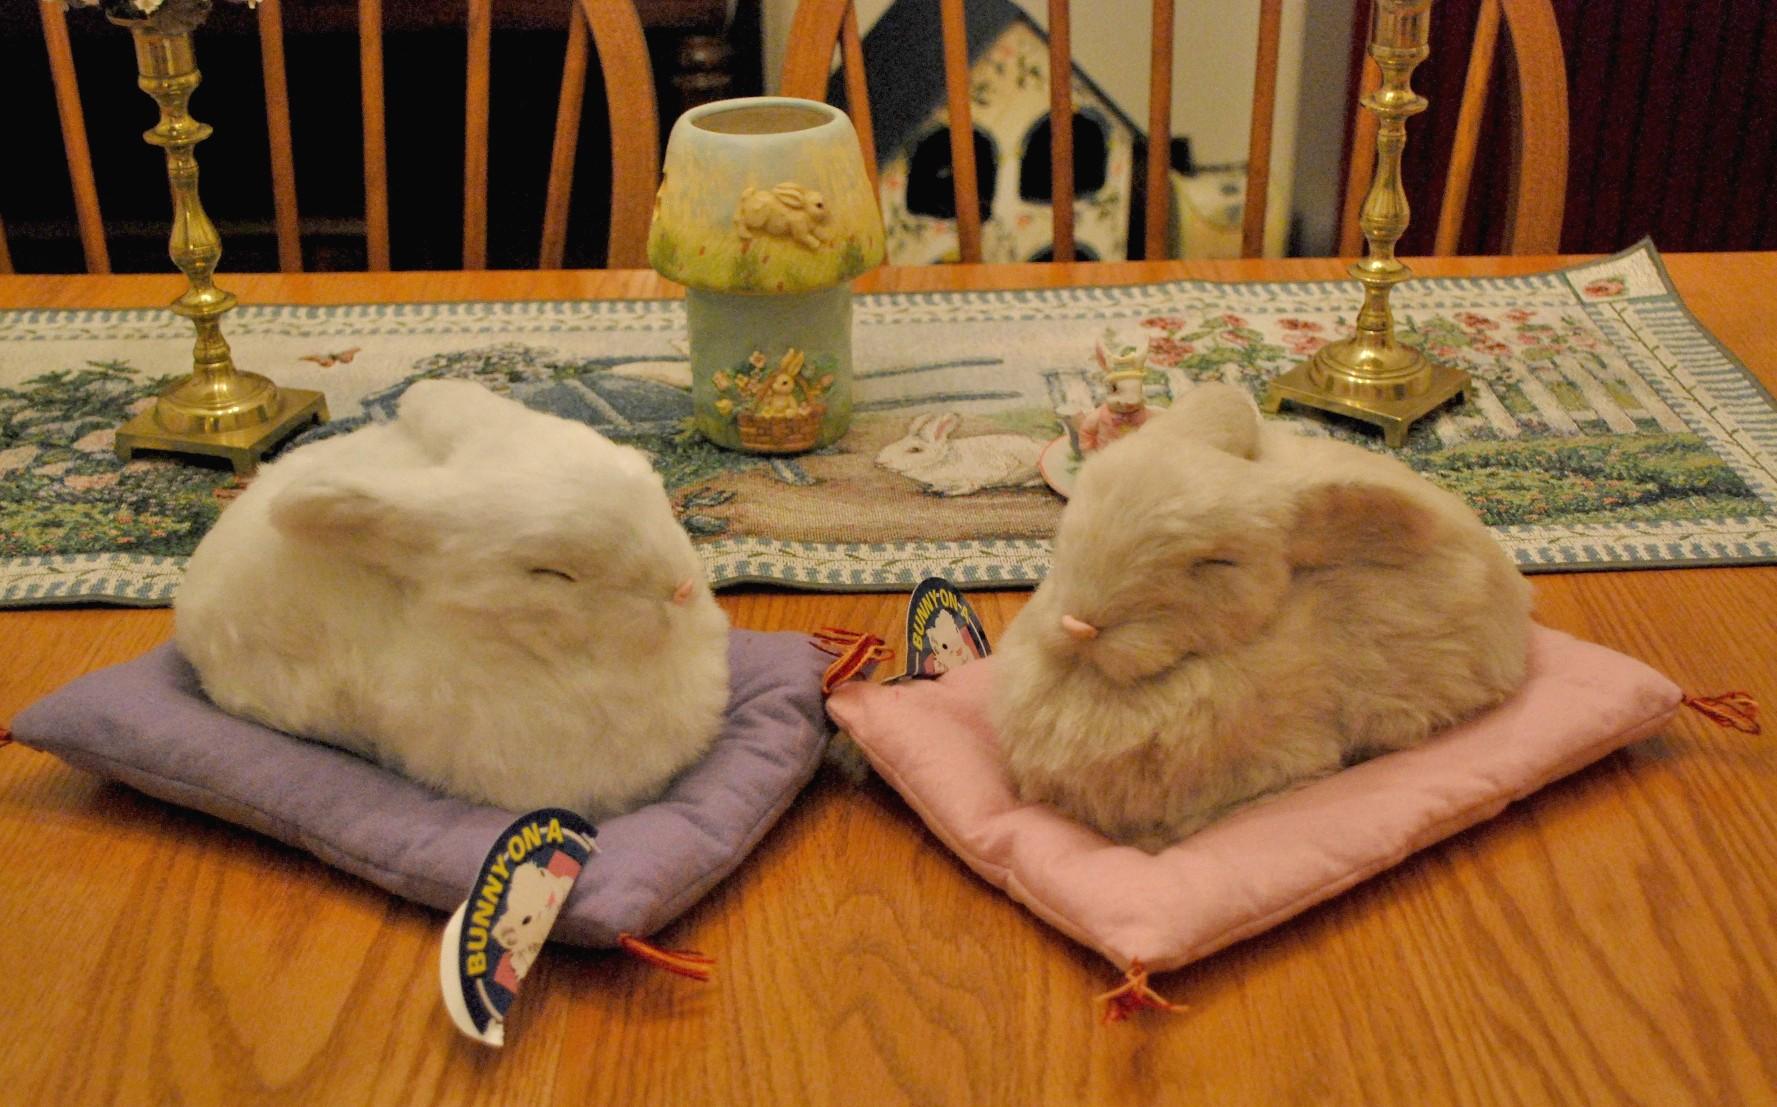 BUNNYRABBITcom Bunny Pillow Rabbit Pillow Bunnyrabbit Pillow Bunny Rabbit Gift Items Bunny